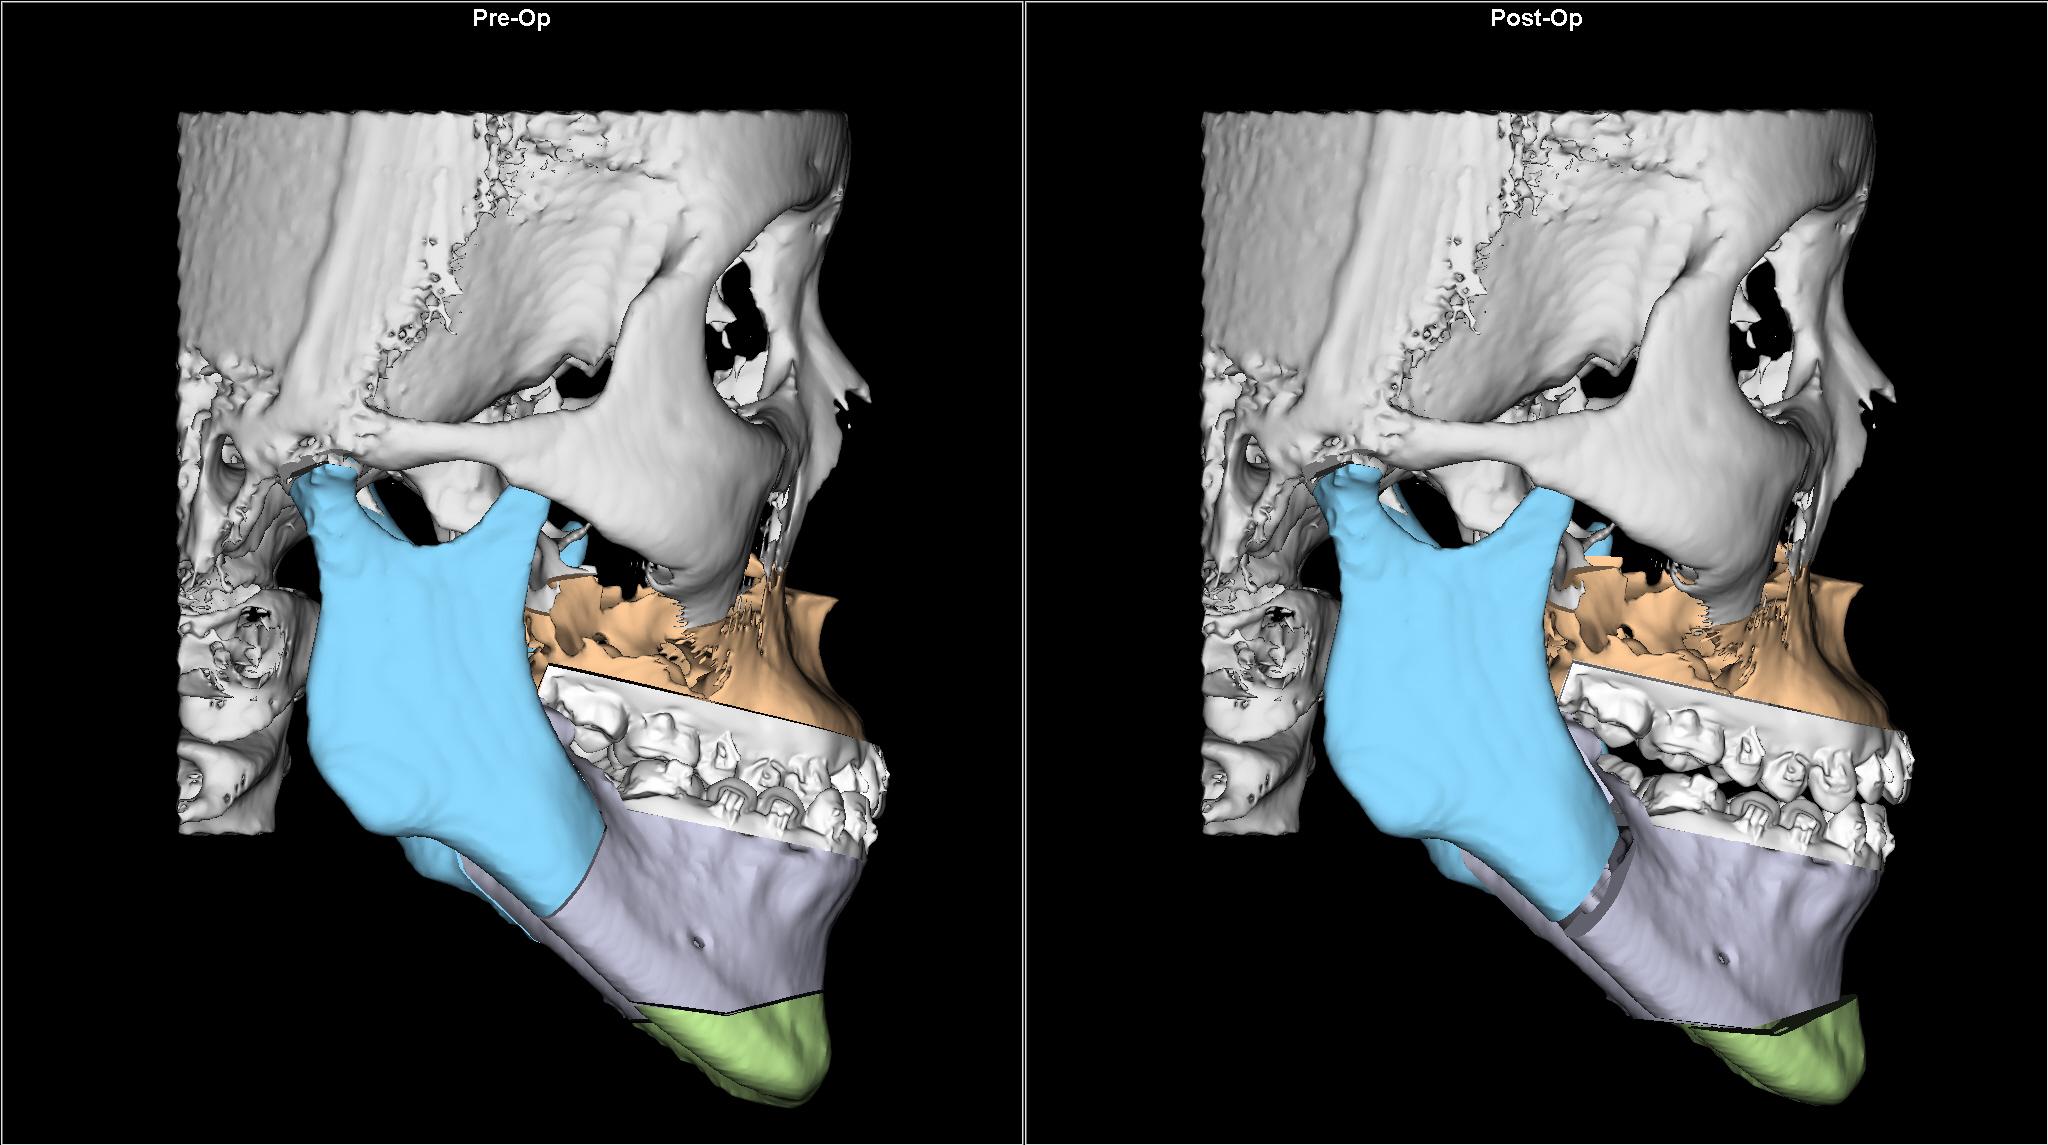 圖解正顎手術 – 正顎 削骨手術 姚全豐醫師